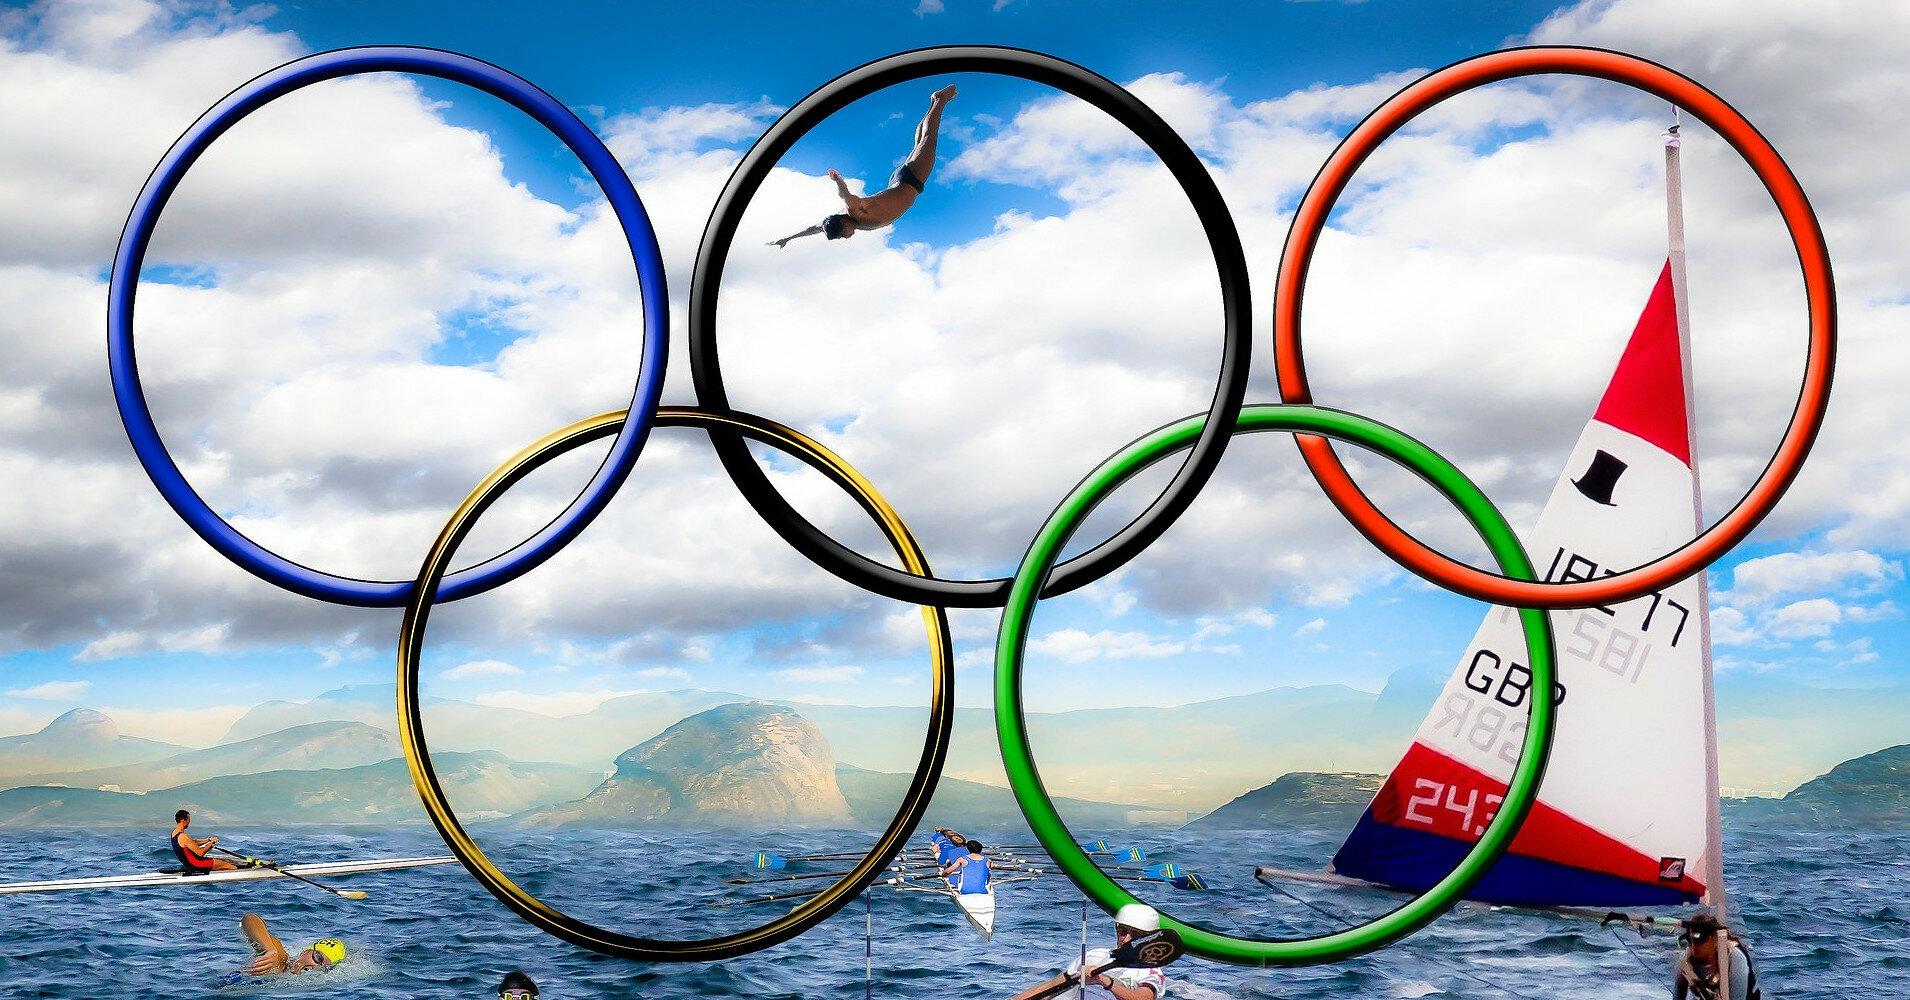 Коляденко стала призером Олимпиады в Токио